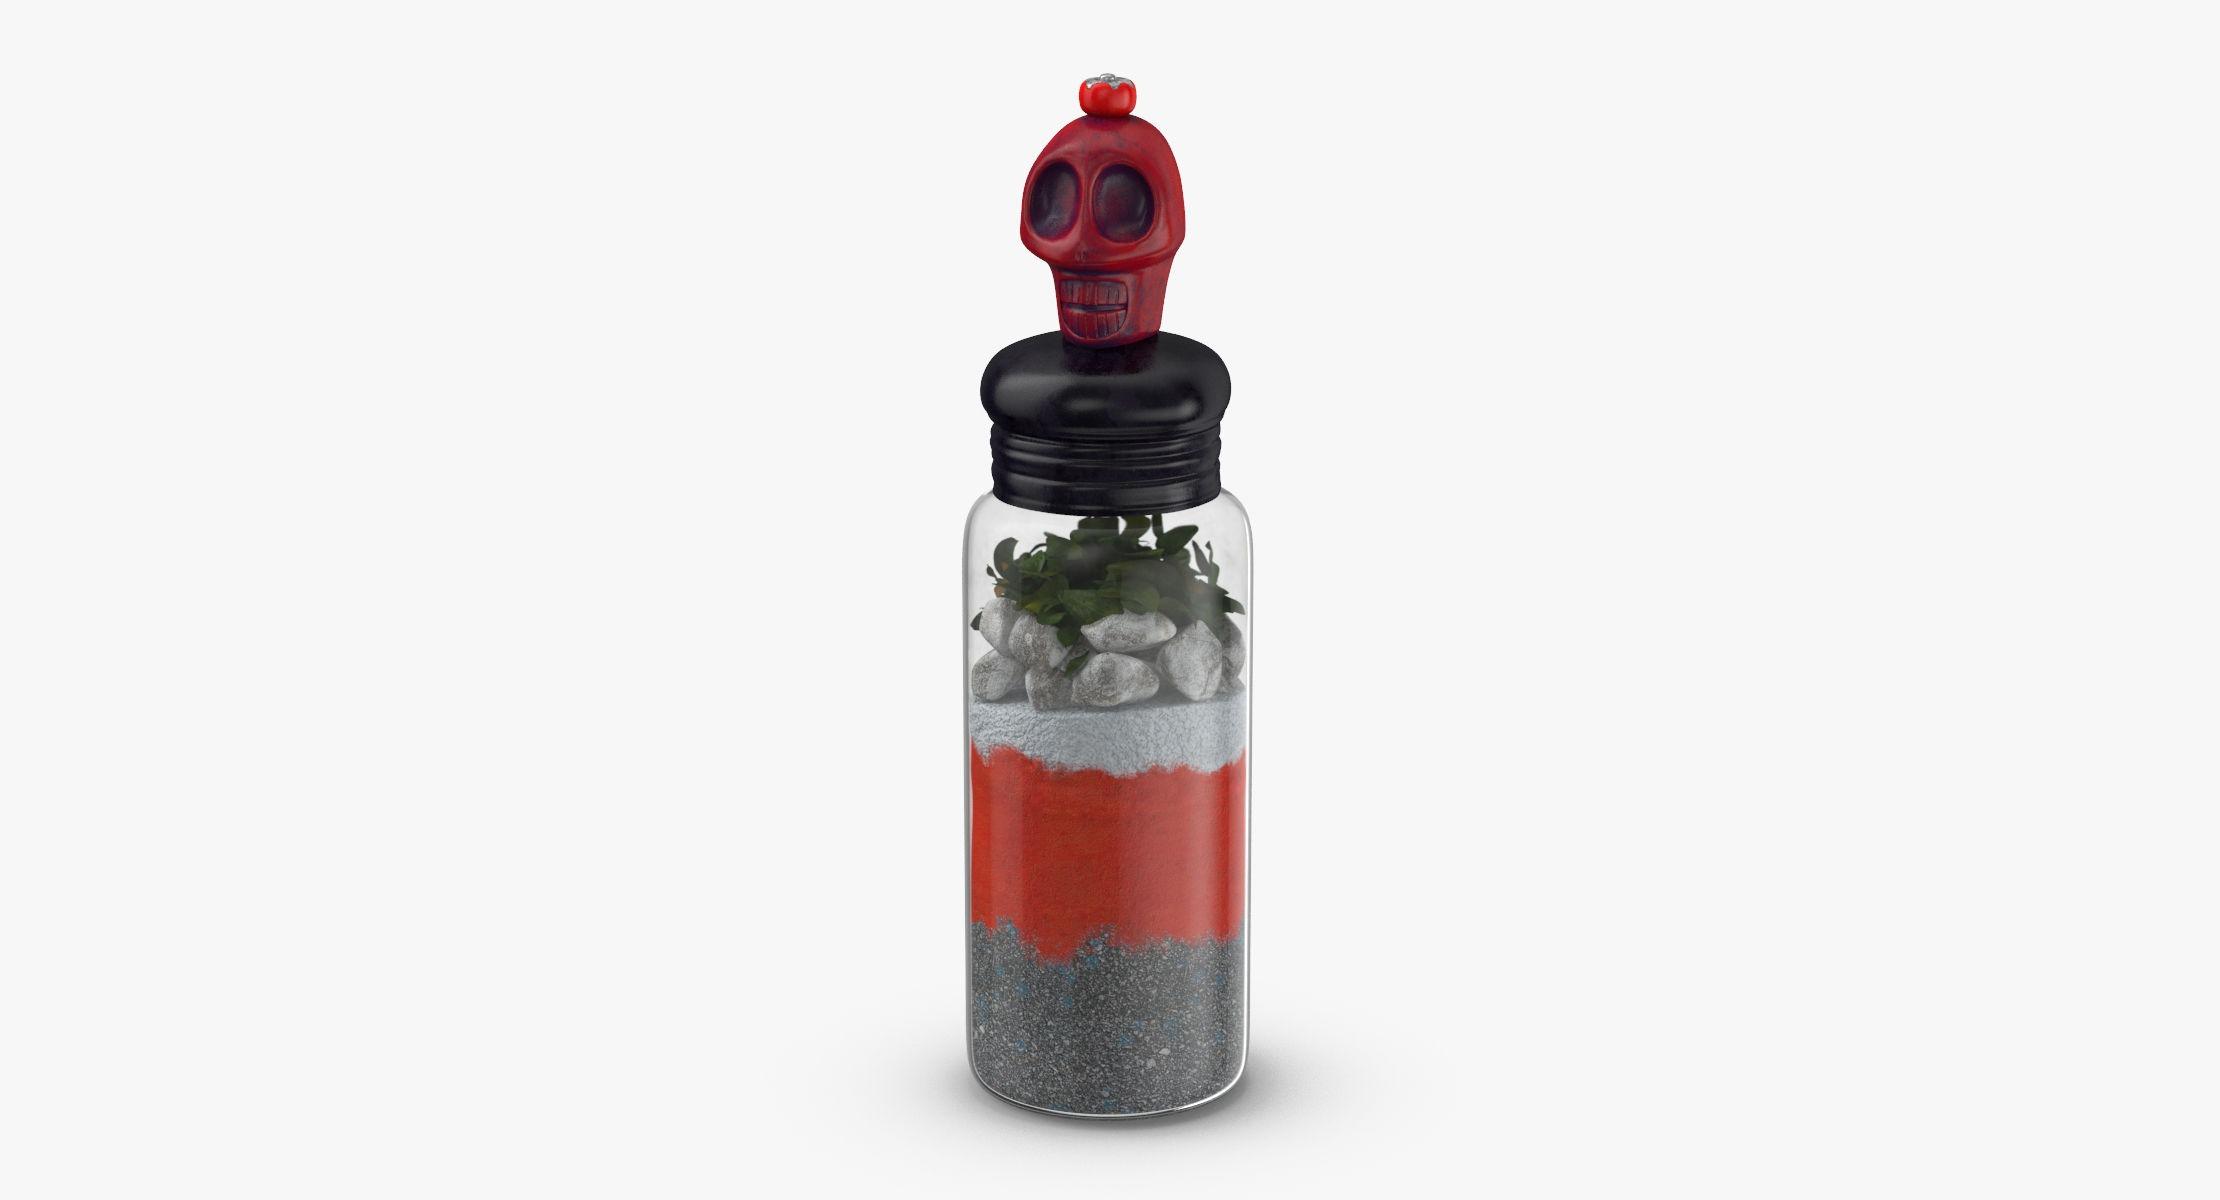 Voodoo Spirit Bottle 03 - reel 1